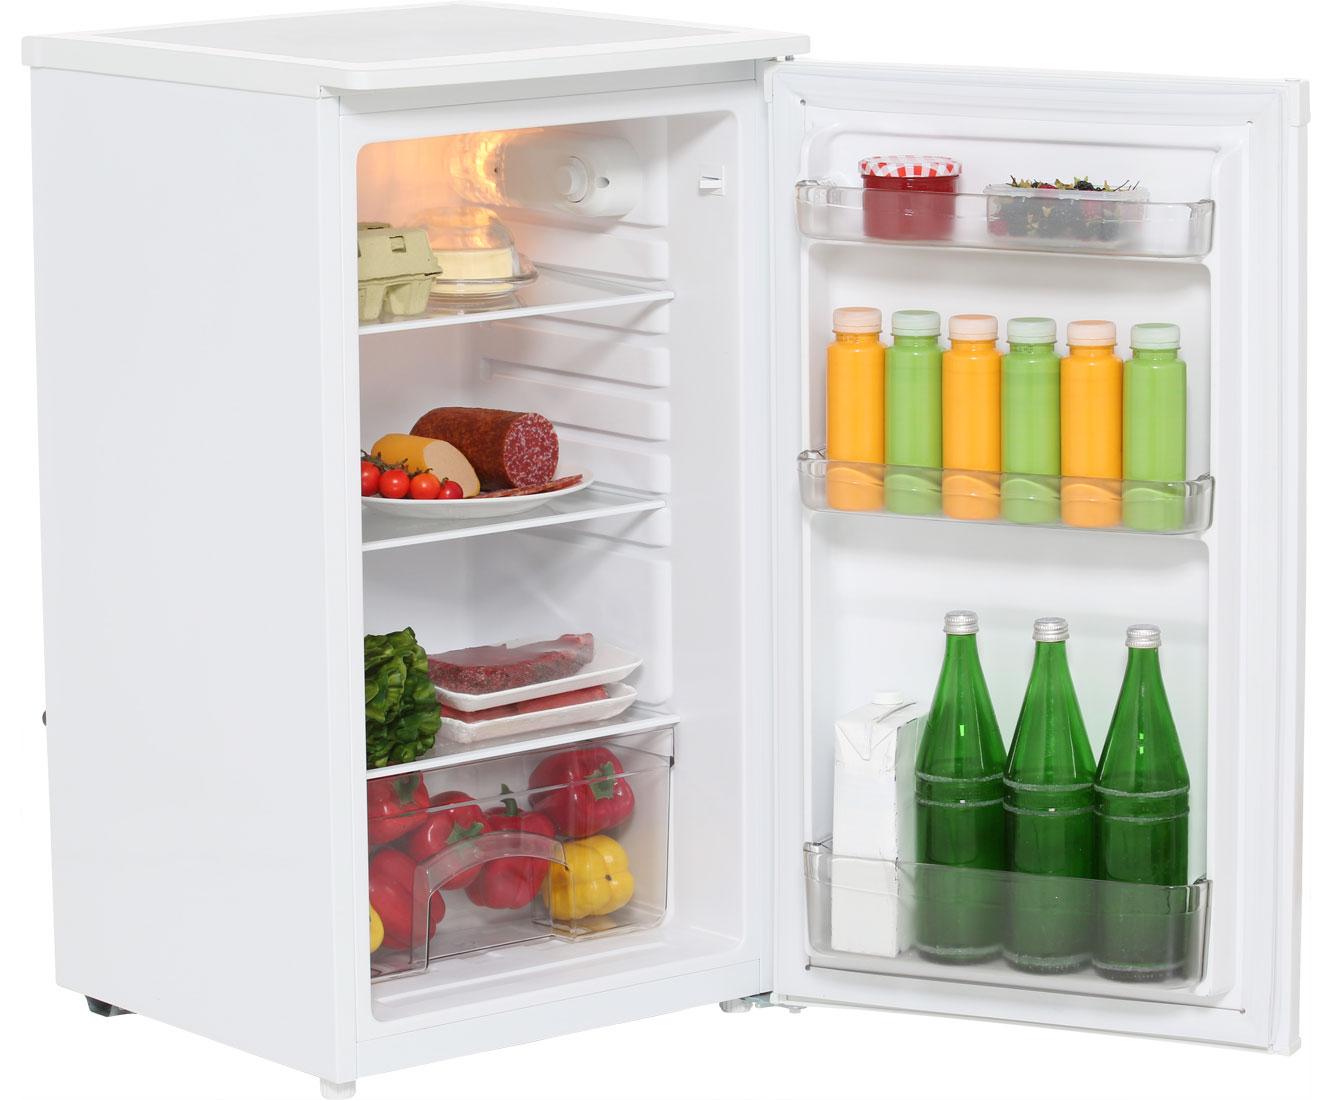 Retro Kühlschrank Amica : Amica retro kühlschrank bedienungsanleitung amica stark in sachen